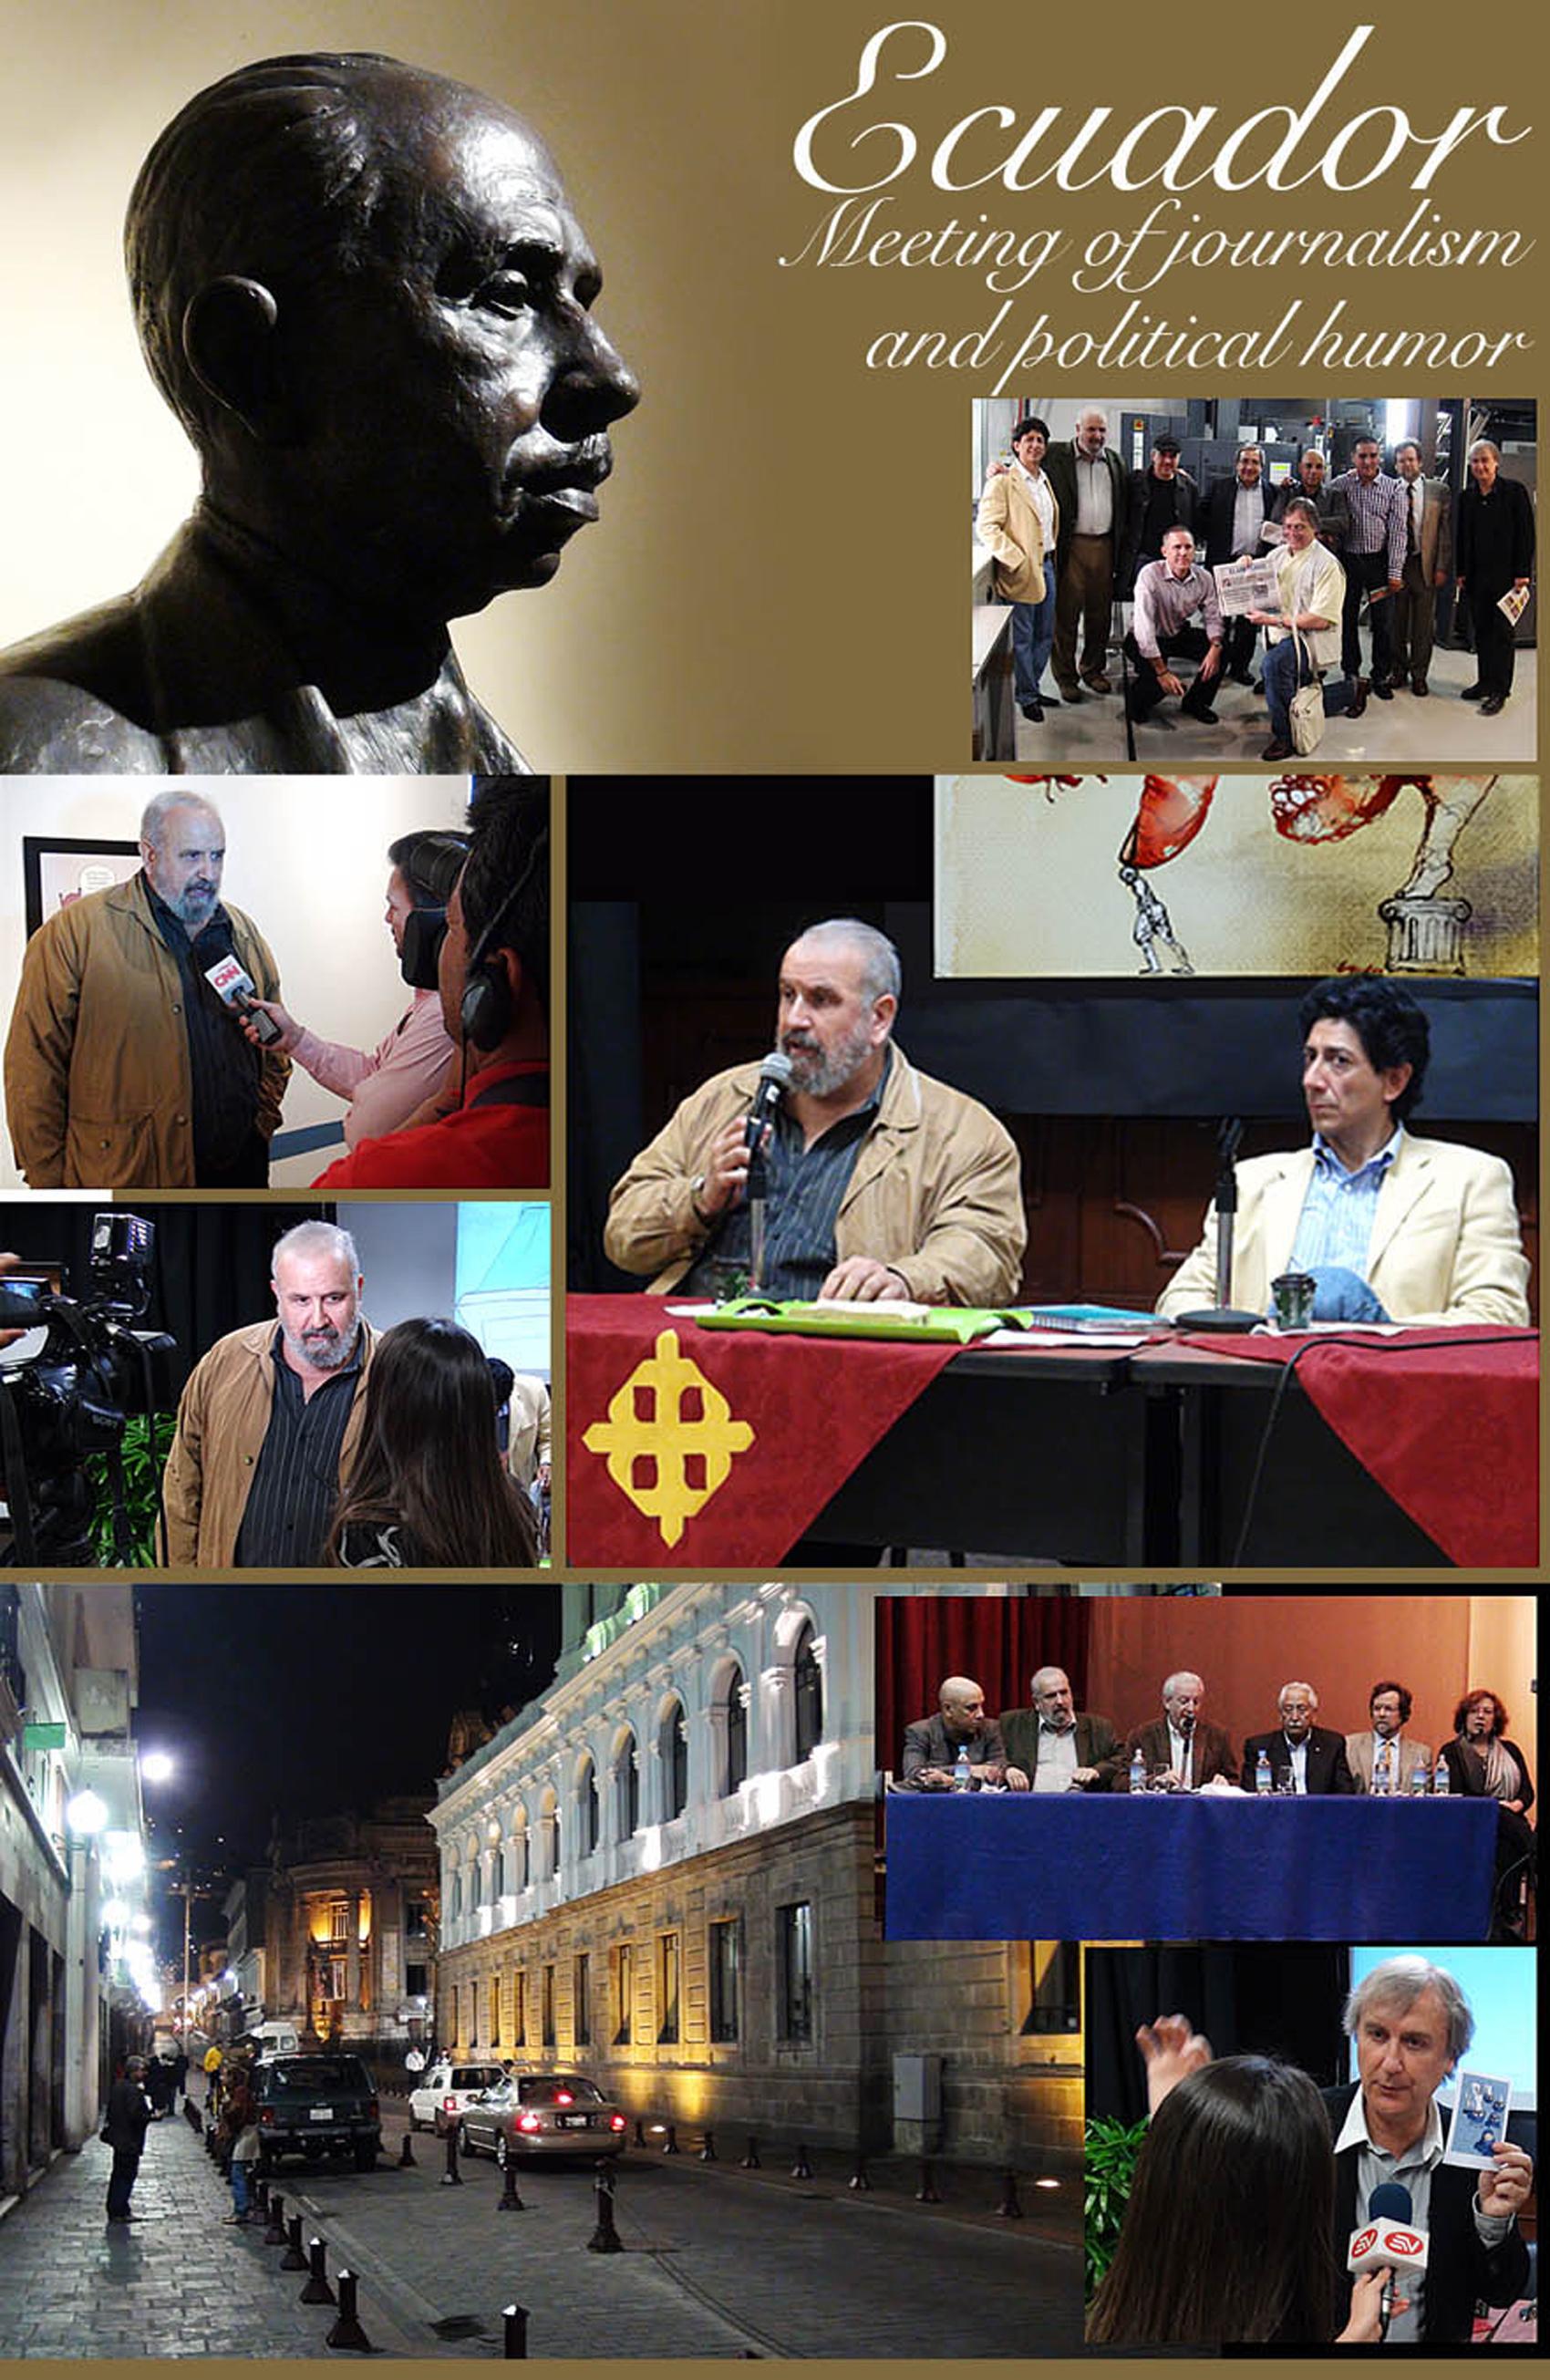 """Bust of the founder of El Universo, Ismael Perez Pazmiño.Participants Ares (Cuba), Boligán (Mexico), Horacio Cardo (Argentina), Hernan Vidal, """"Hervi"""" (Chile), Julio Cesar Gonzalez, """"Matador"""" (Colombia), Plantu (France), Paulo Caruso (Brazil), Matt Wuerter (USA), and Ecuadorians Asrúbal de la Torre (Hoy), Xavier Bonilla, """"Bonil"""" (El Universo, Vistazo), Pancho Cajas (El Comercio), Marcelo Chamorro (Vanguardia and La Hora), and Luis Ibarra (Expreso)."""